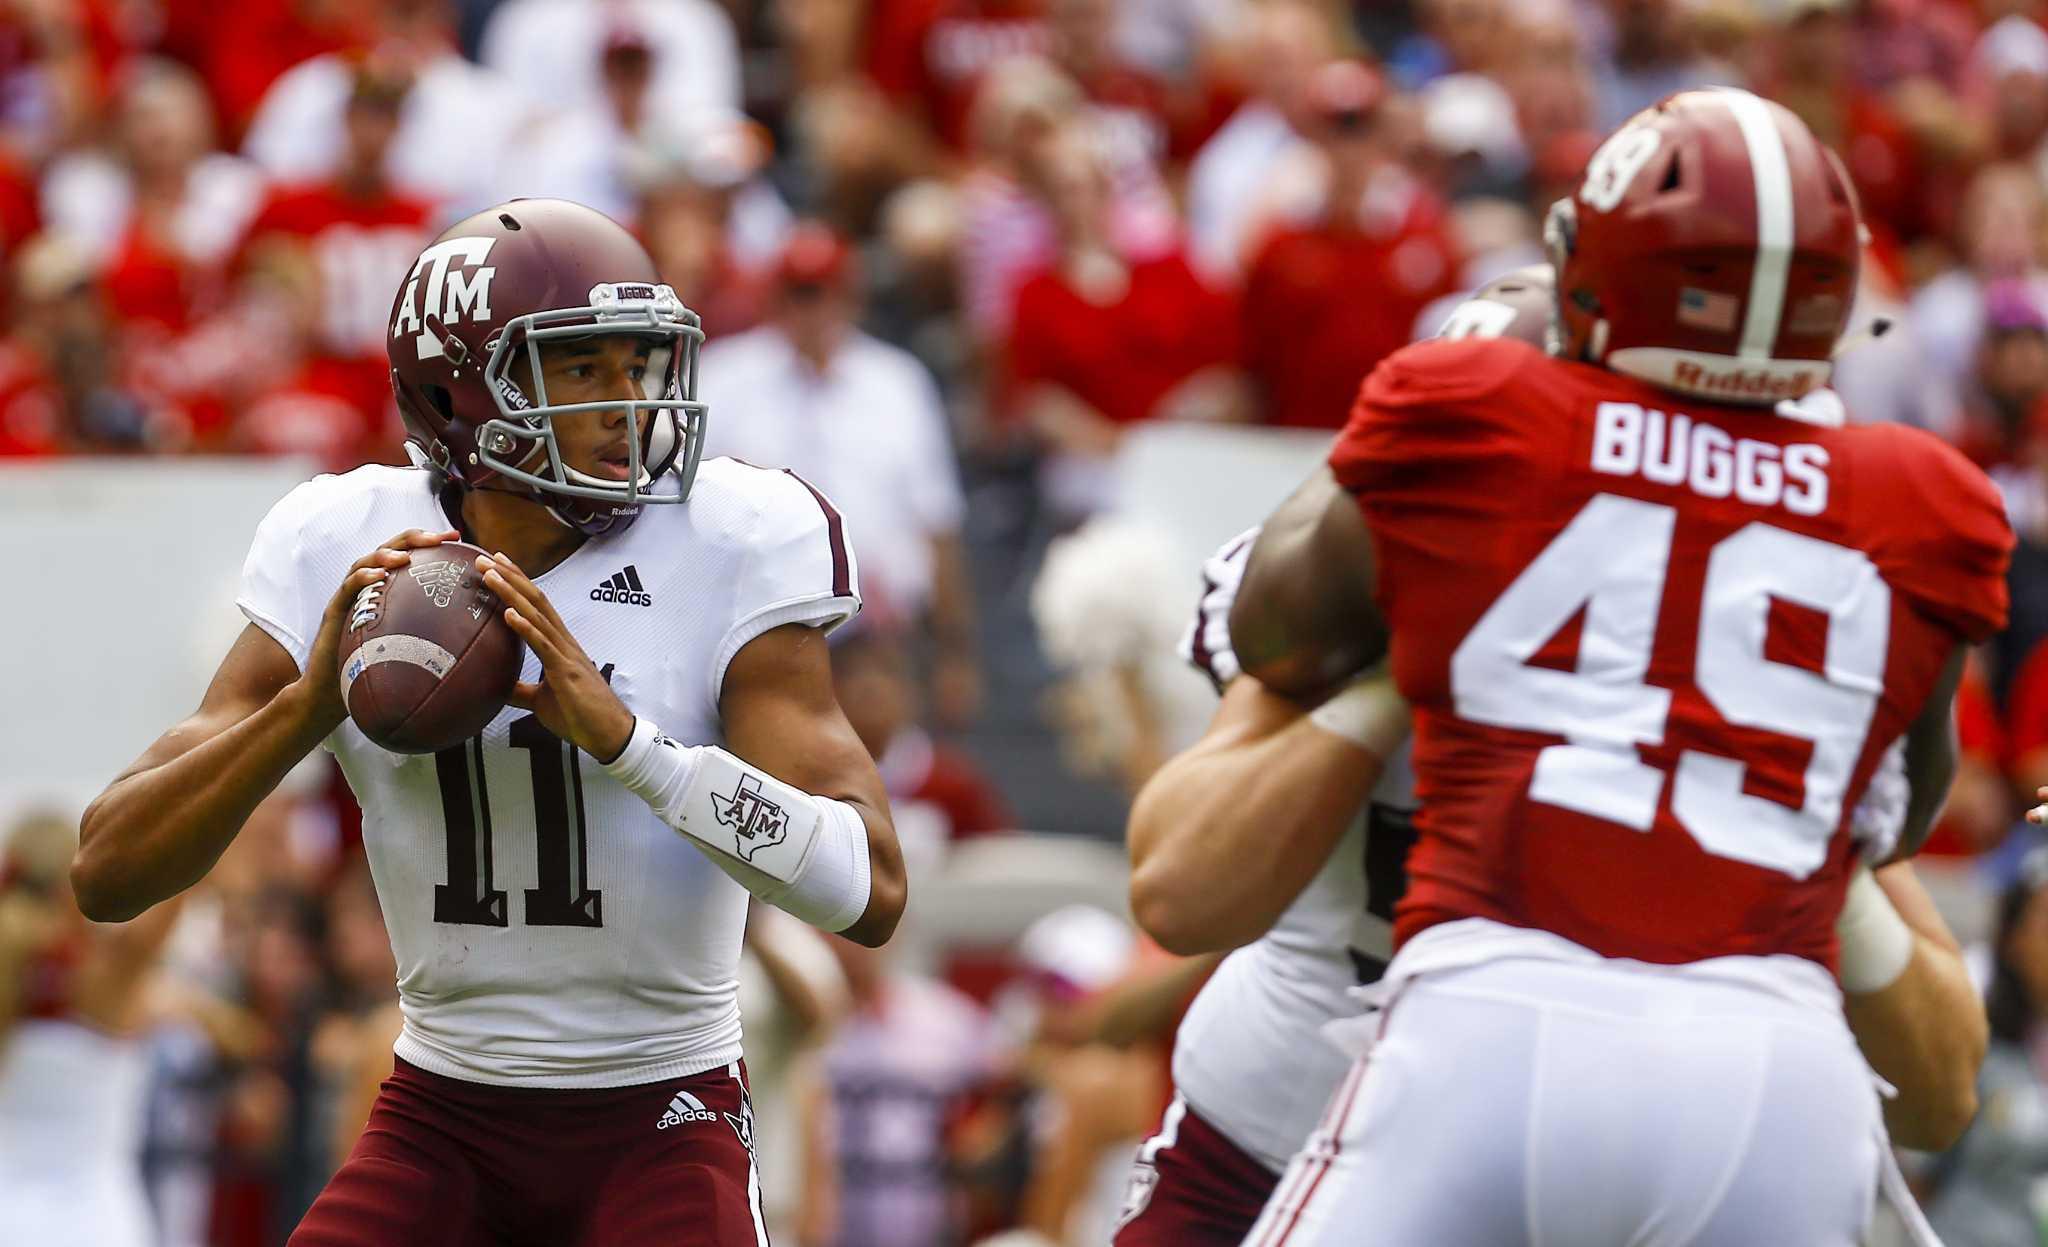 College football preview: No. 1 Alabama at No. 24 Texas A&M